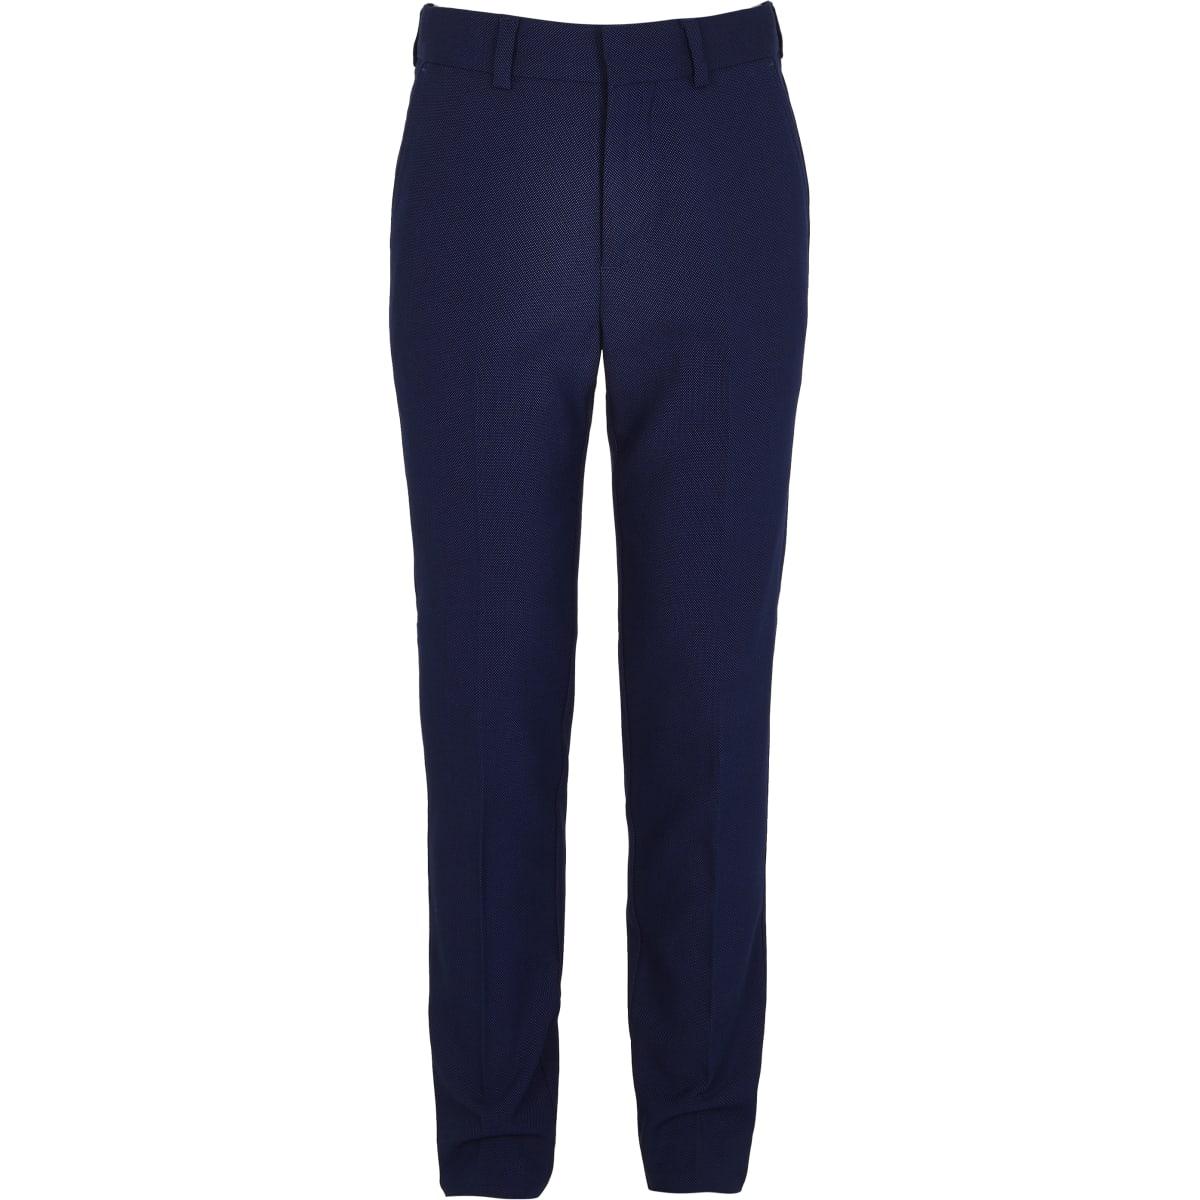 Blauwe pantalon voor jongens